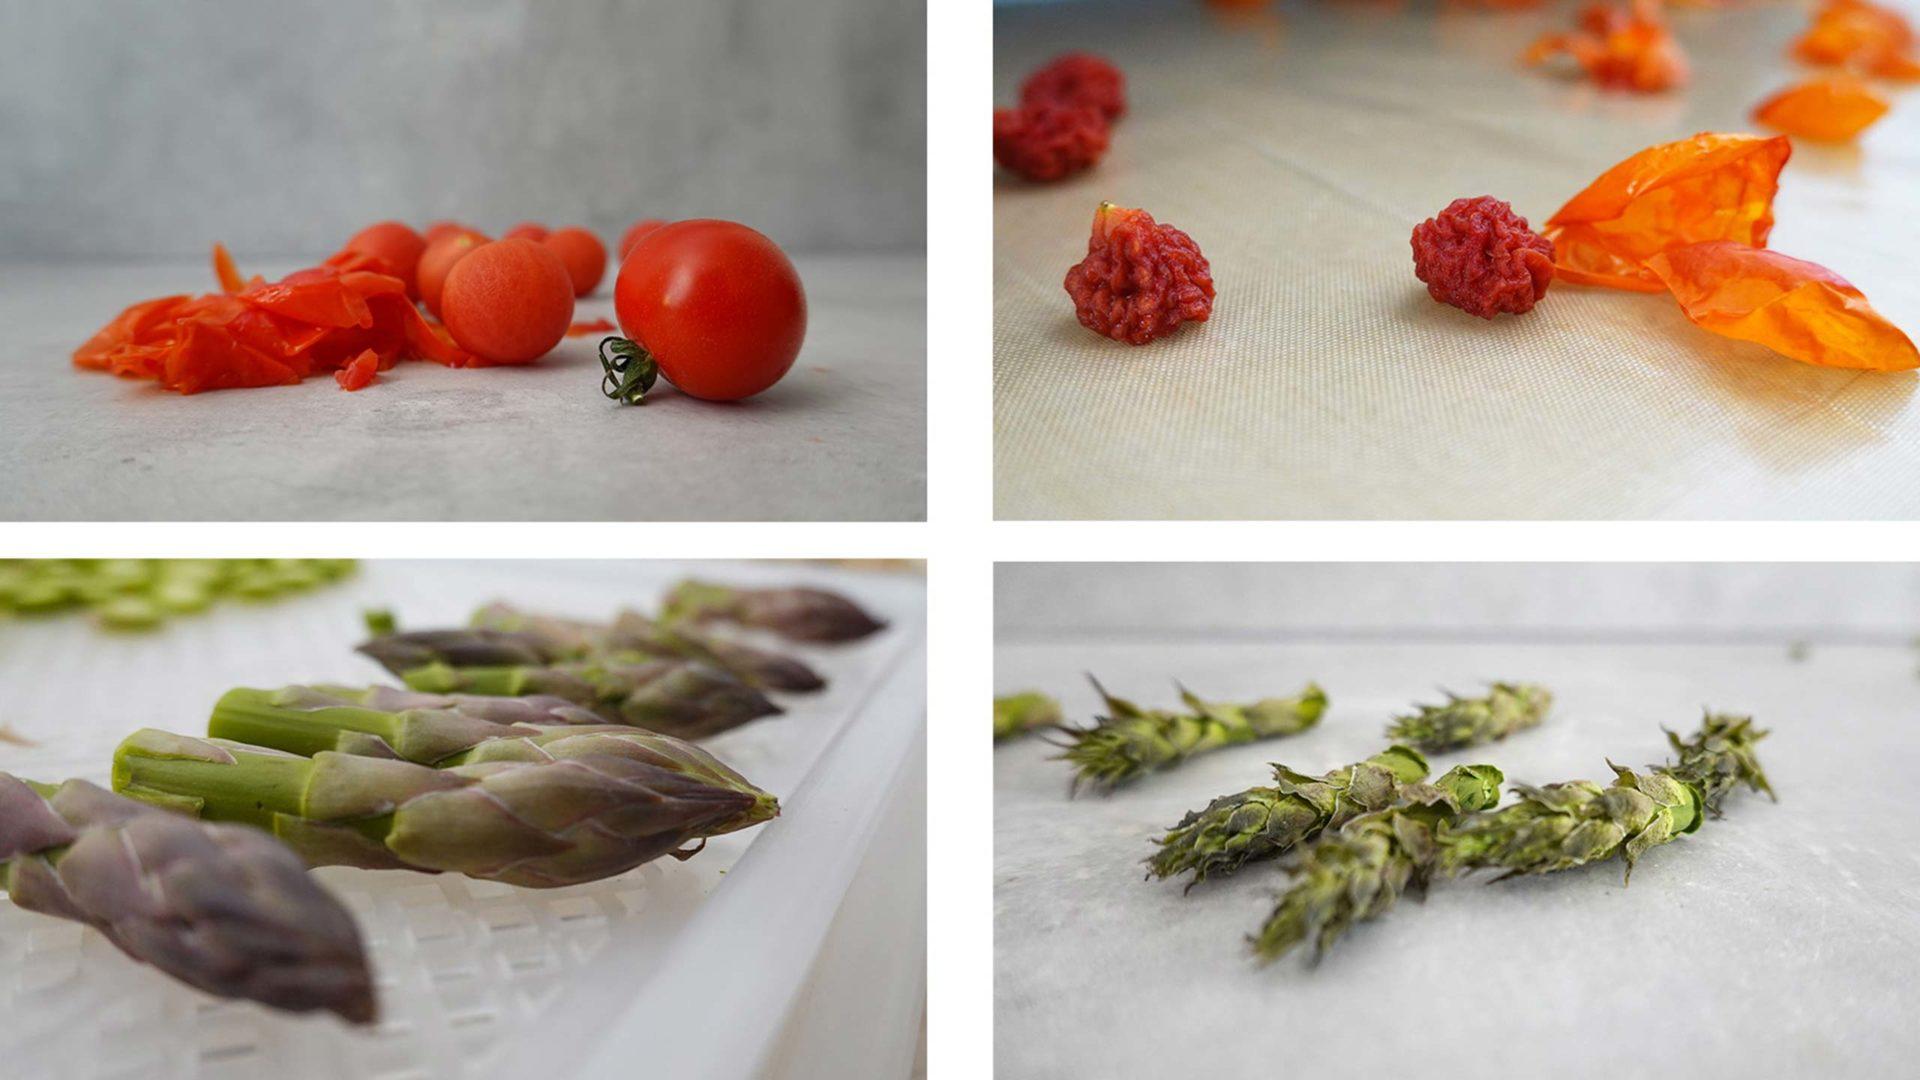 Tomaten und Grüne Spargel-Spitzen, jeweils roh und getrocknet